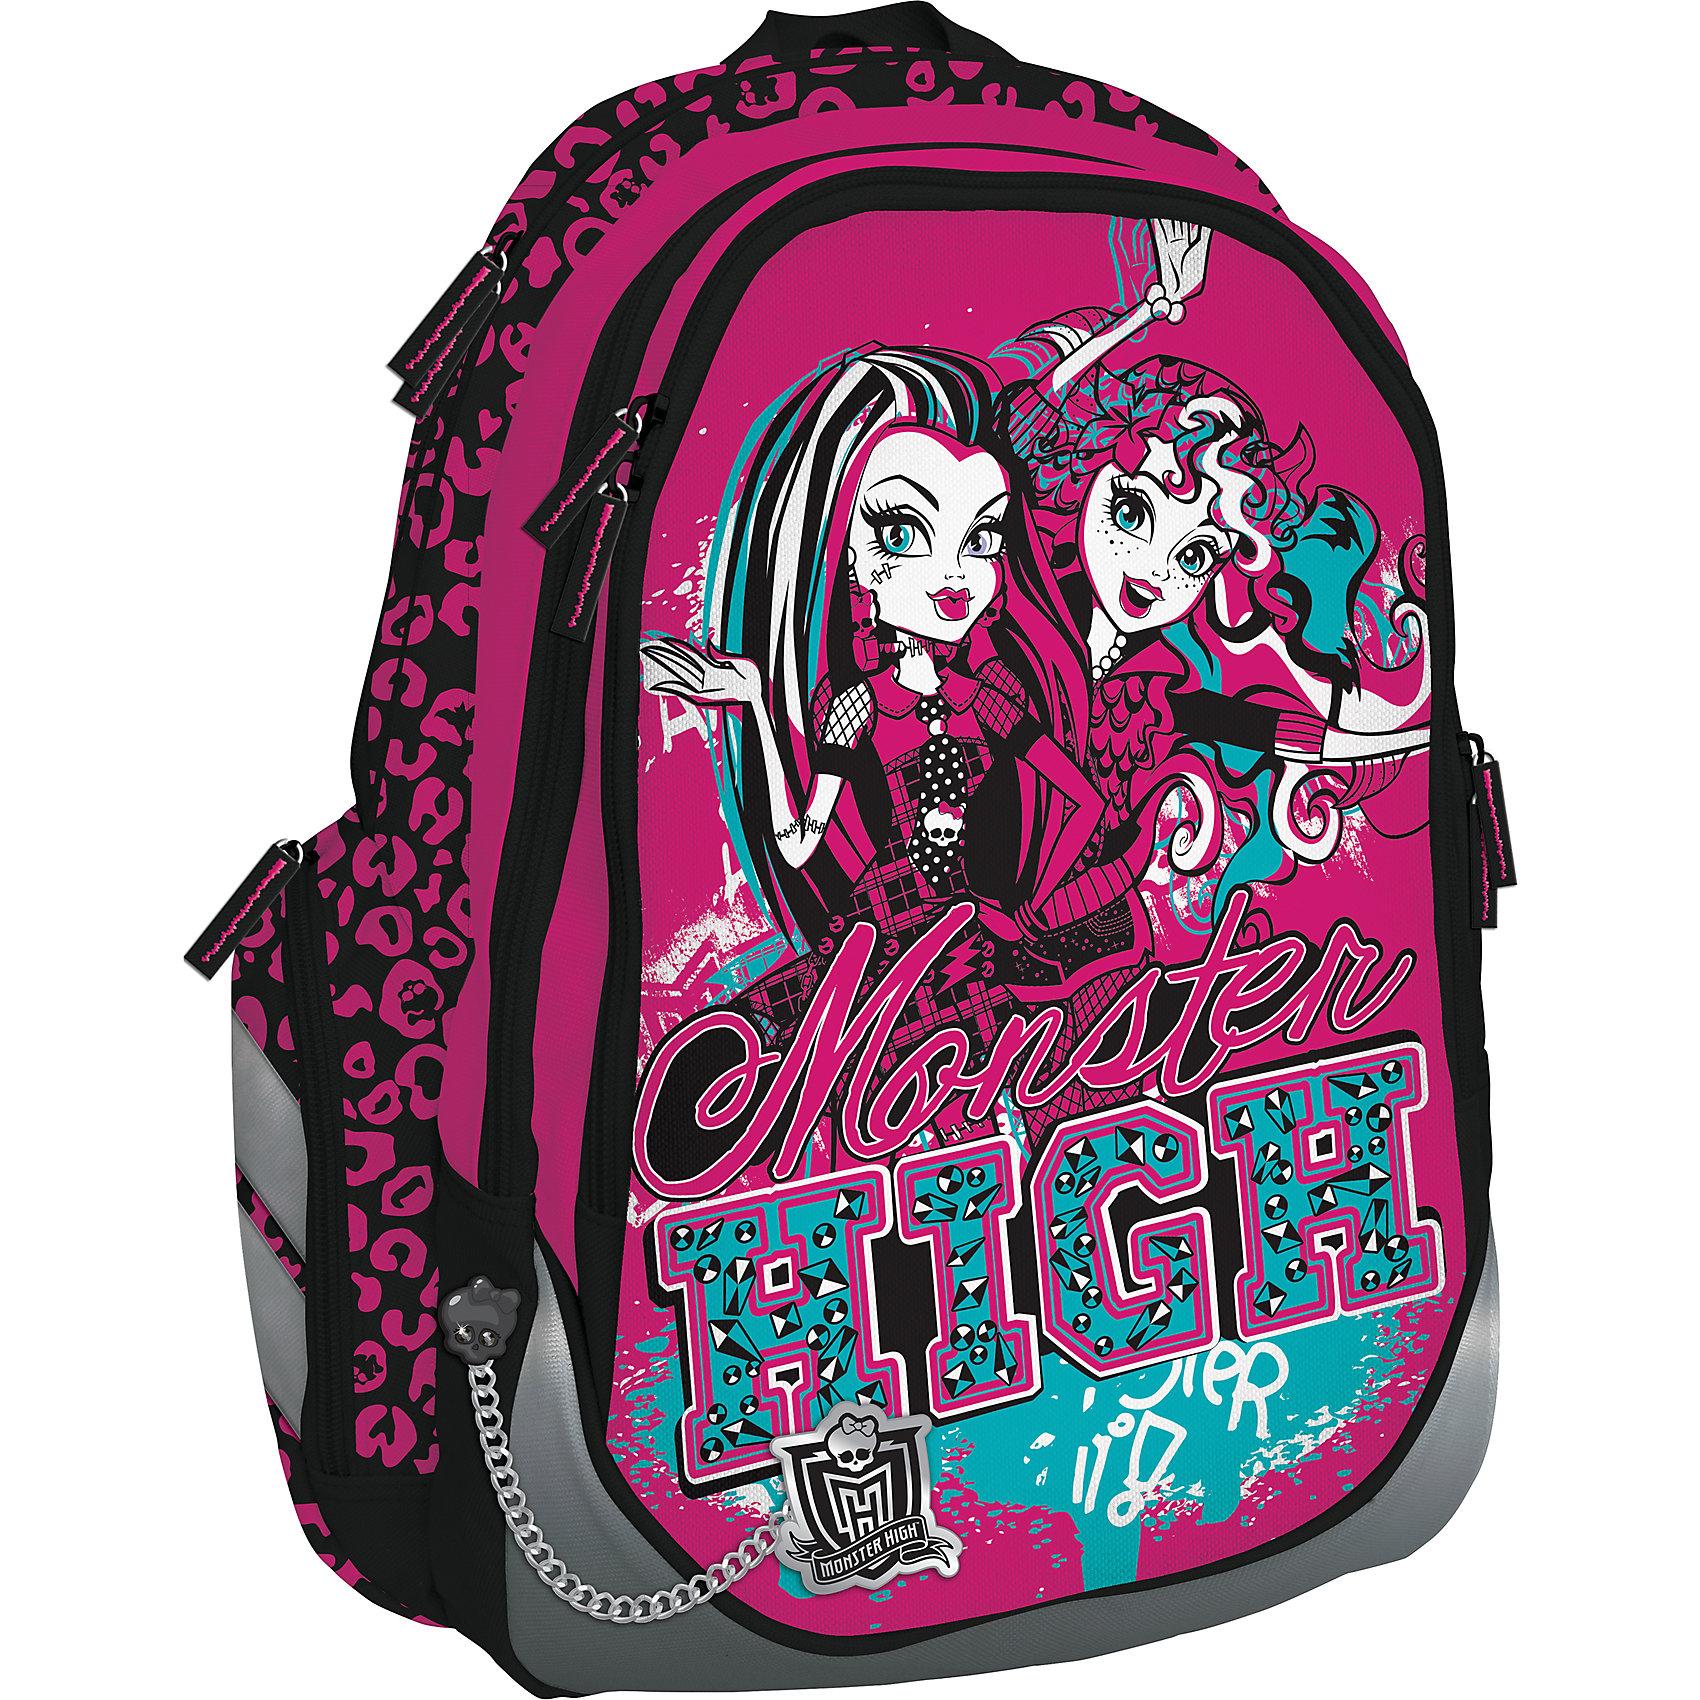 Школьный рюкзак, Monster HighРюкзак Monster High (Школа монстров) создан специально для девочек, он выполнен в оригинальном дизайне, а в виде принта используются героини из всеми любимого мультфильма «Школа монстров». Рюкзак очень вместительный и удобный в использовании, имеет мягкую уплотненную спинку, которая значительно снижает нагрузку на спину ребенка.<br><br>Внутри рюкзака имеются два отделения, закрывающиеся на молнию. Основное большое отделение разделено перегородкой на 2 части. Также в этом отделении имеется карман на молнии. Дополнительное отделение разделений не имеет. На лицевой части рюкзака находится большой наружный карман, внутри которого есть один большой карман, 3 маленьких (один из которых на молнии), а также органайзер для письменных принадлежностей. По бокам рюкзака есть два дополнительных небольших кармашка на молнии.<br><br>Плечевые лямки рюкзака регулируются по длине и росту ребенка. Кроме того имеется дополнительная ручка для переноски рюкзака в руке. С обеих сторон на рюкзаке имеются светоотражающие элементы: светоотражающая полоска снизу лицевого кармана, по одной полоске по бокам, а также светоотражающие полоски на плечевых лямках рюкзака. <br><br>Дополнительная информация:<br><br>- Материал: полиэстер.<br>- Размер: 40 х 30 х 14,5 см.<br><br>Рюкзак Monster High можно купить в нашем интернет-магазине.<br><br>Ширина мм: 440<br>Глубина мм: 300<br>Высота мм: 145<br>Вес г: 800<br>Возраст от месяцев: 120<br>Возраст до месяцев: 144<br>Пол: Женский<br>Возраст: Детский<br>SKU: 3563310